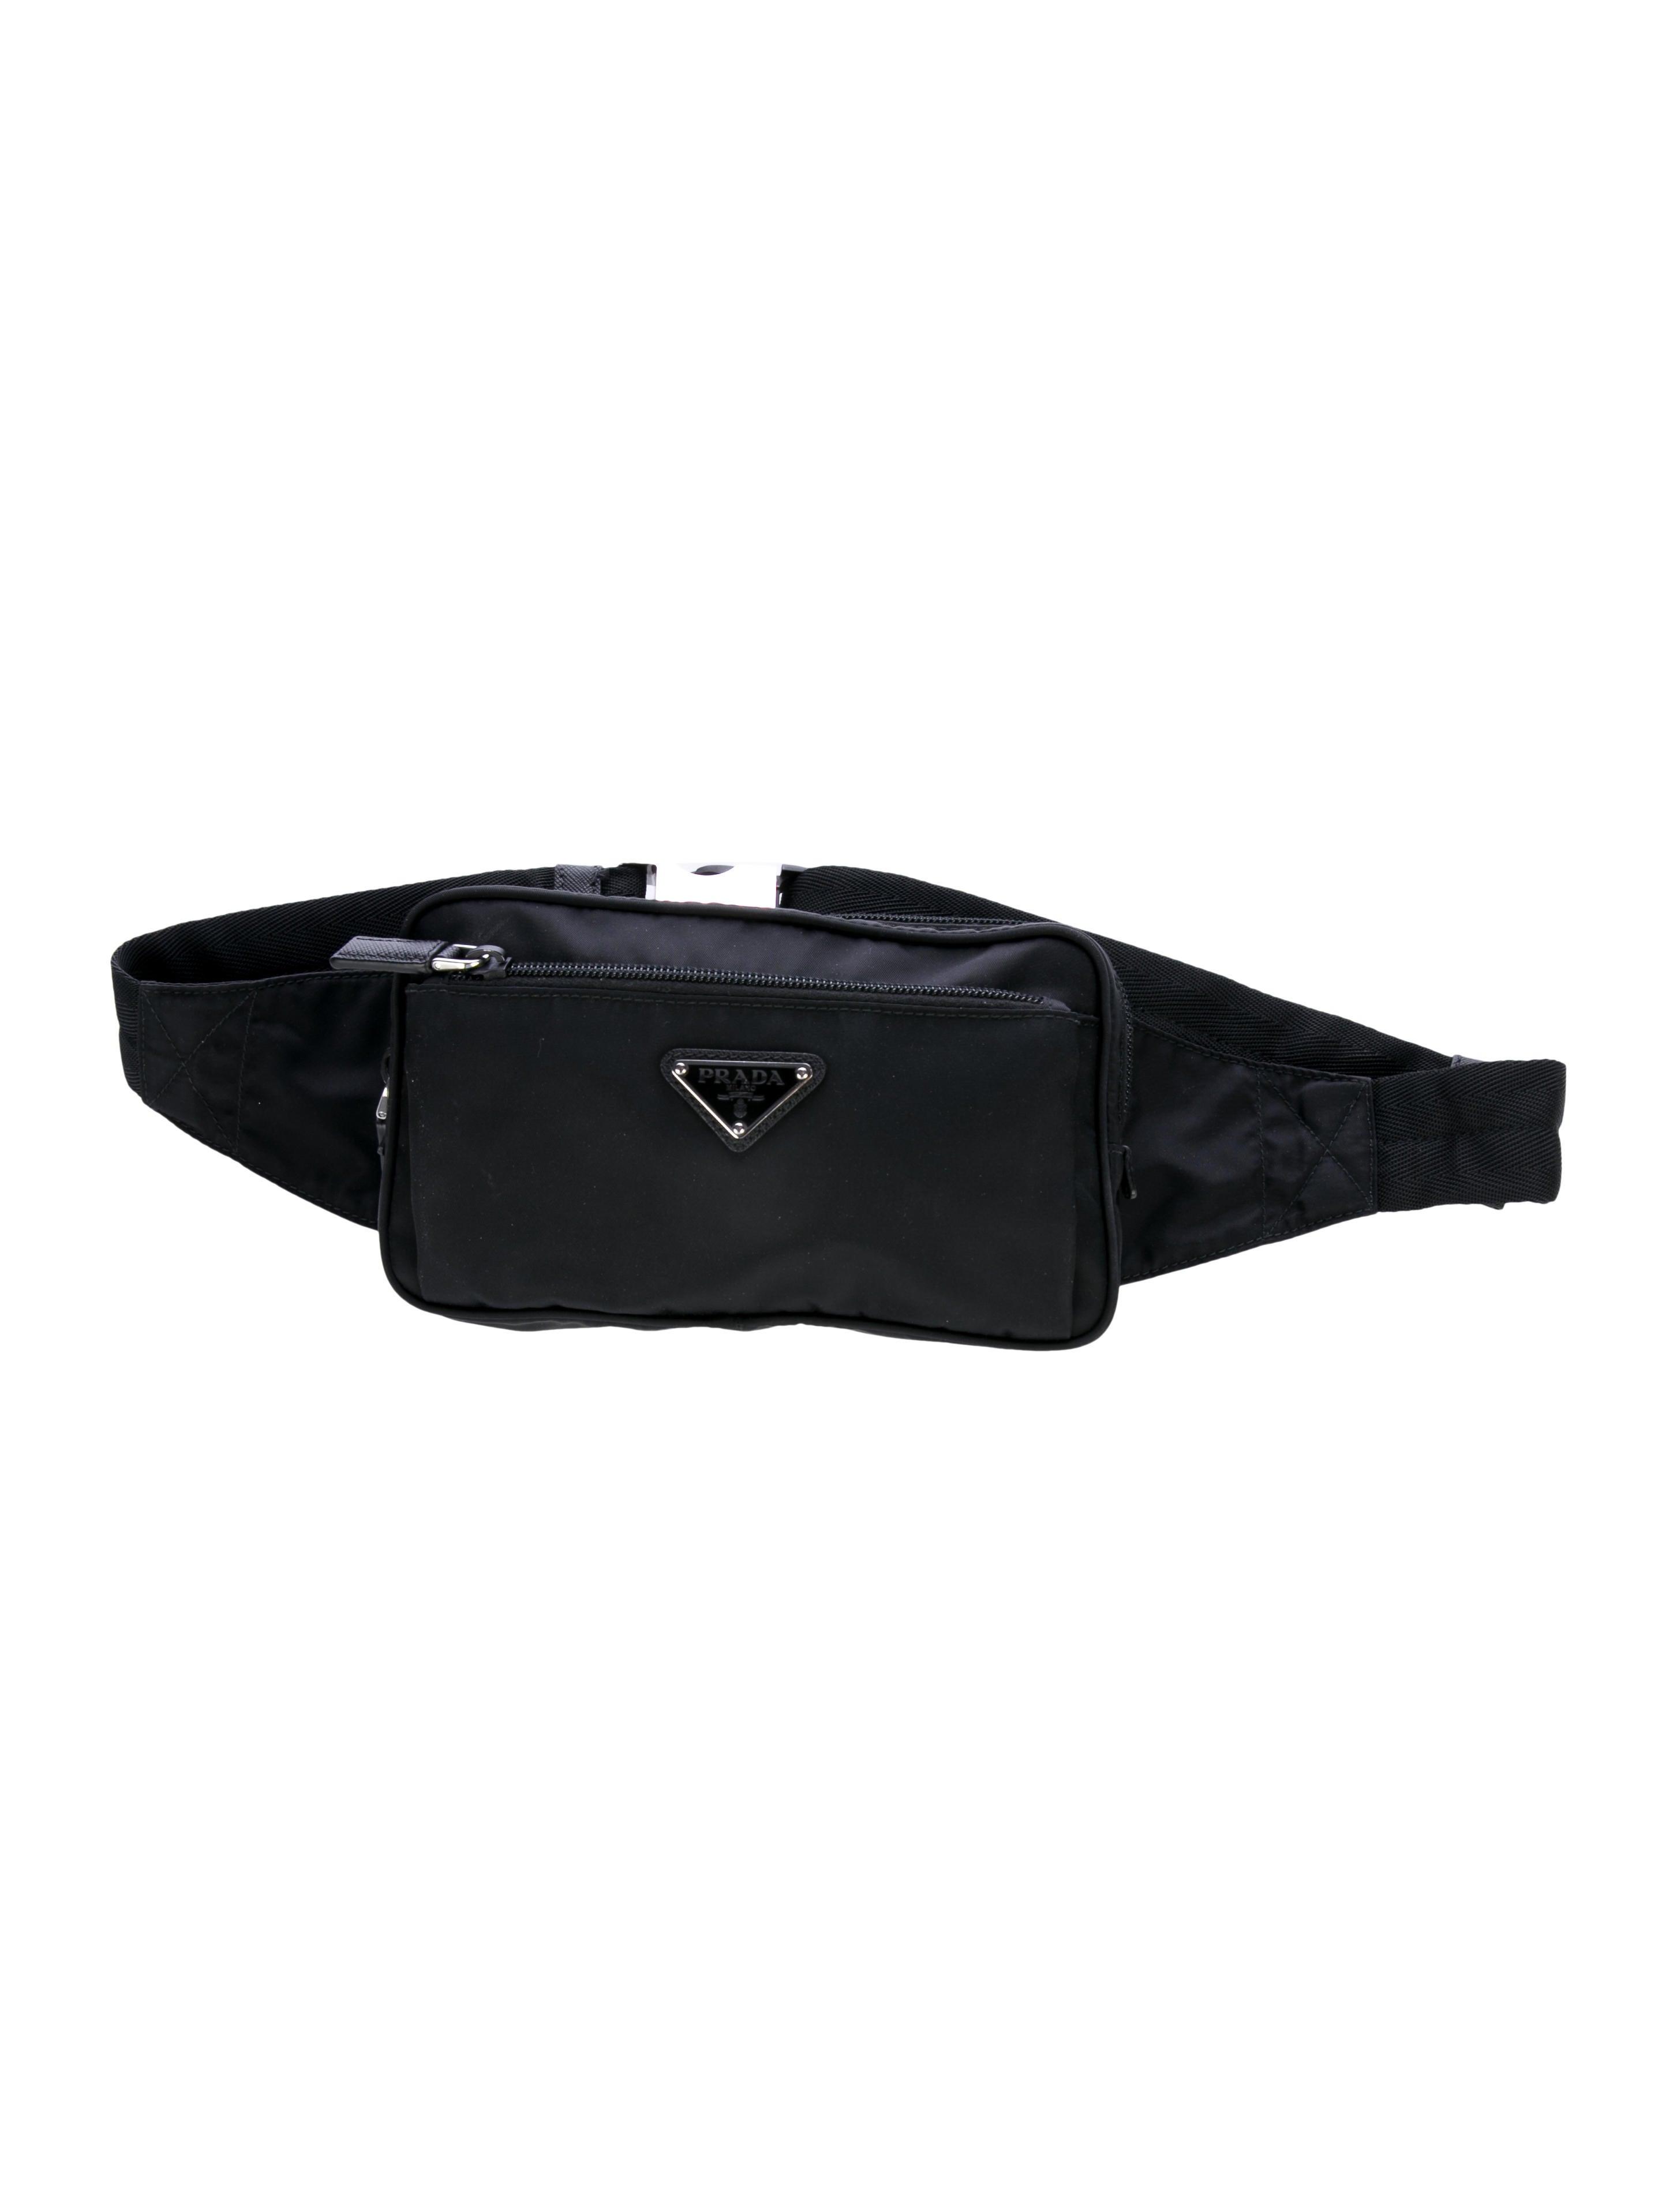 e783c27dced7 Prada 2018 Vela Belt Bag - Bags - PRA277700 | The RealReal